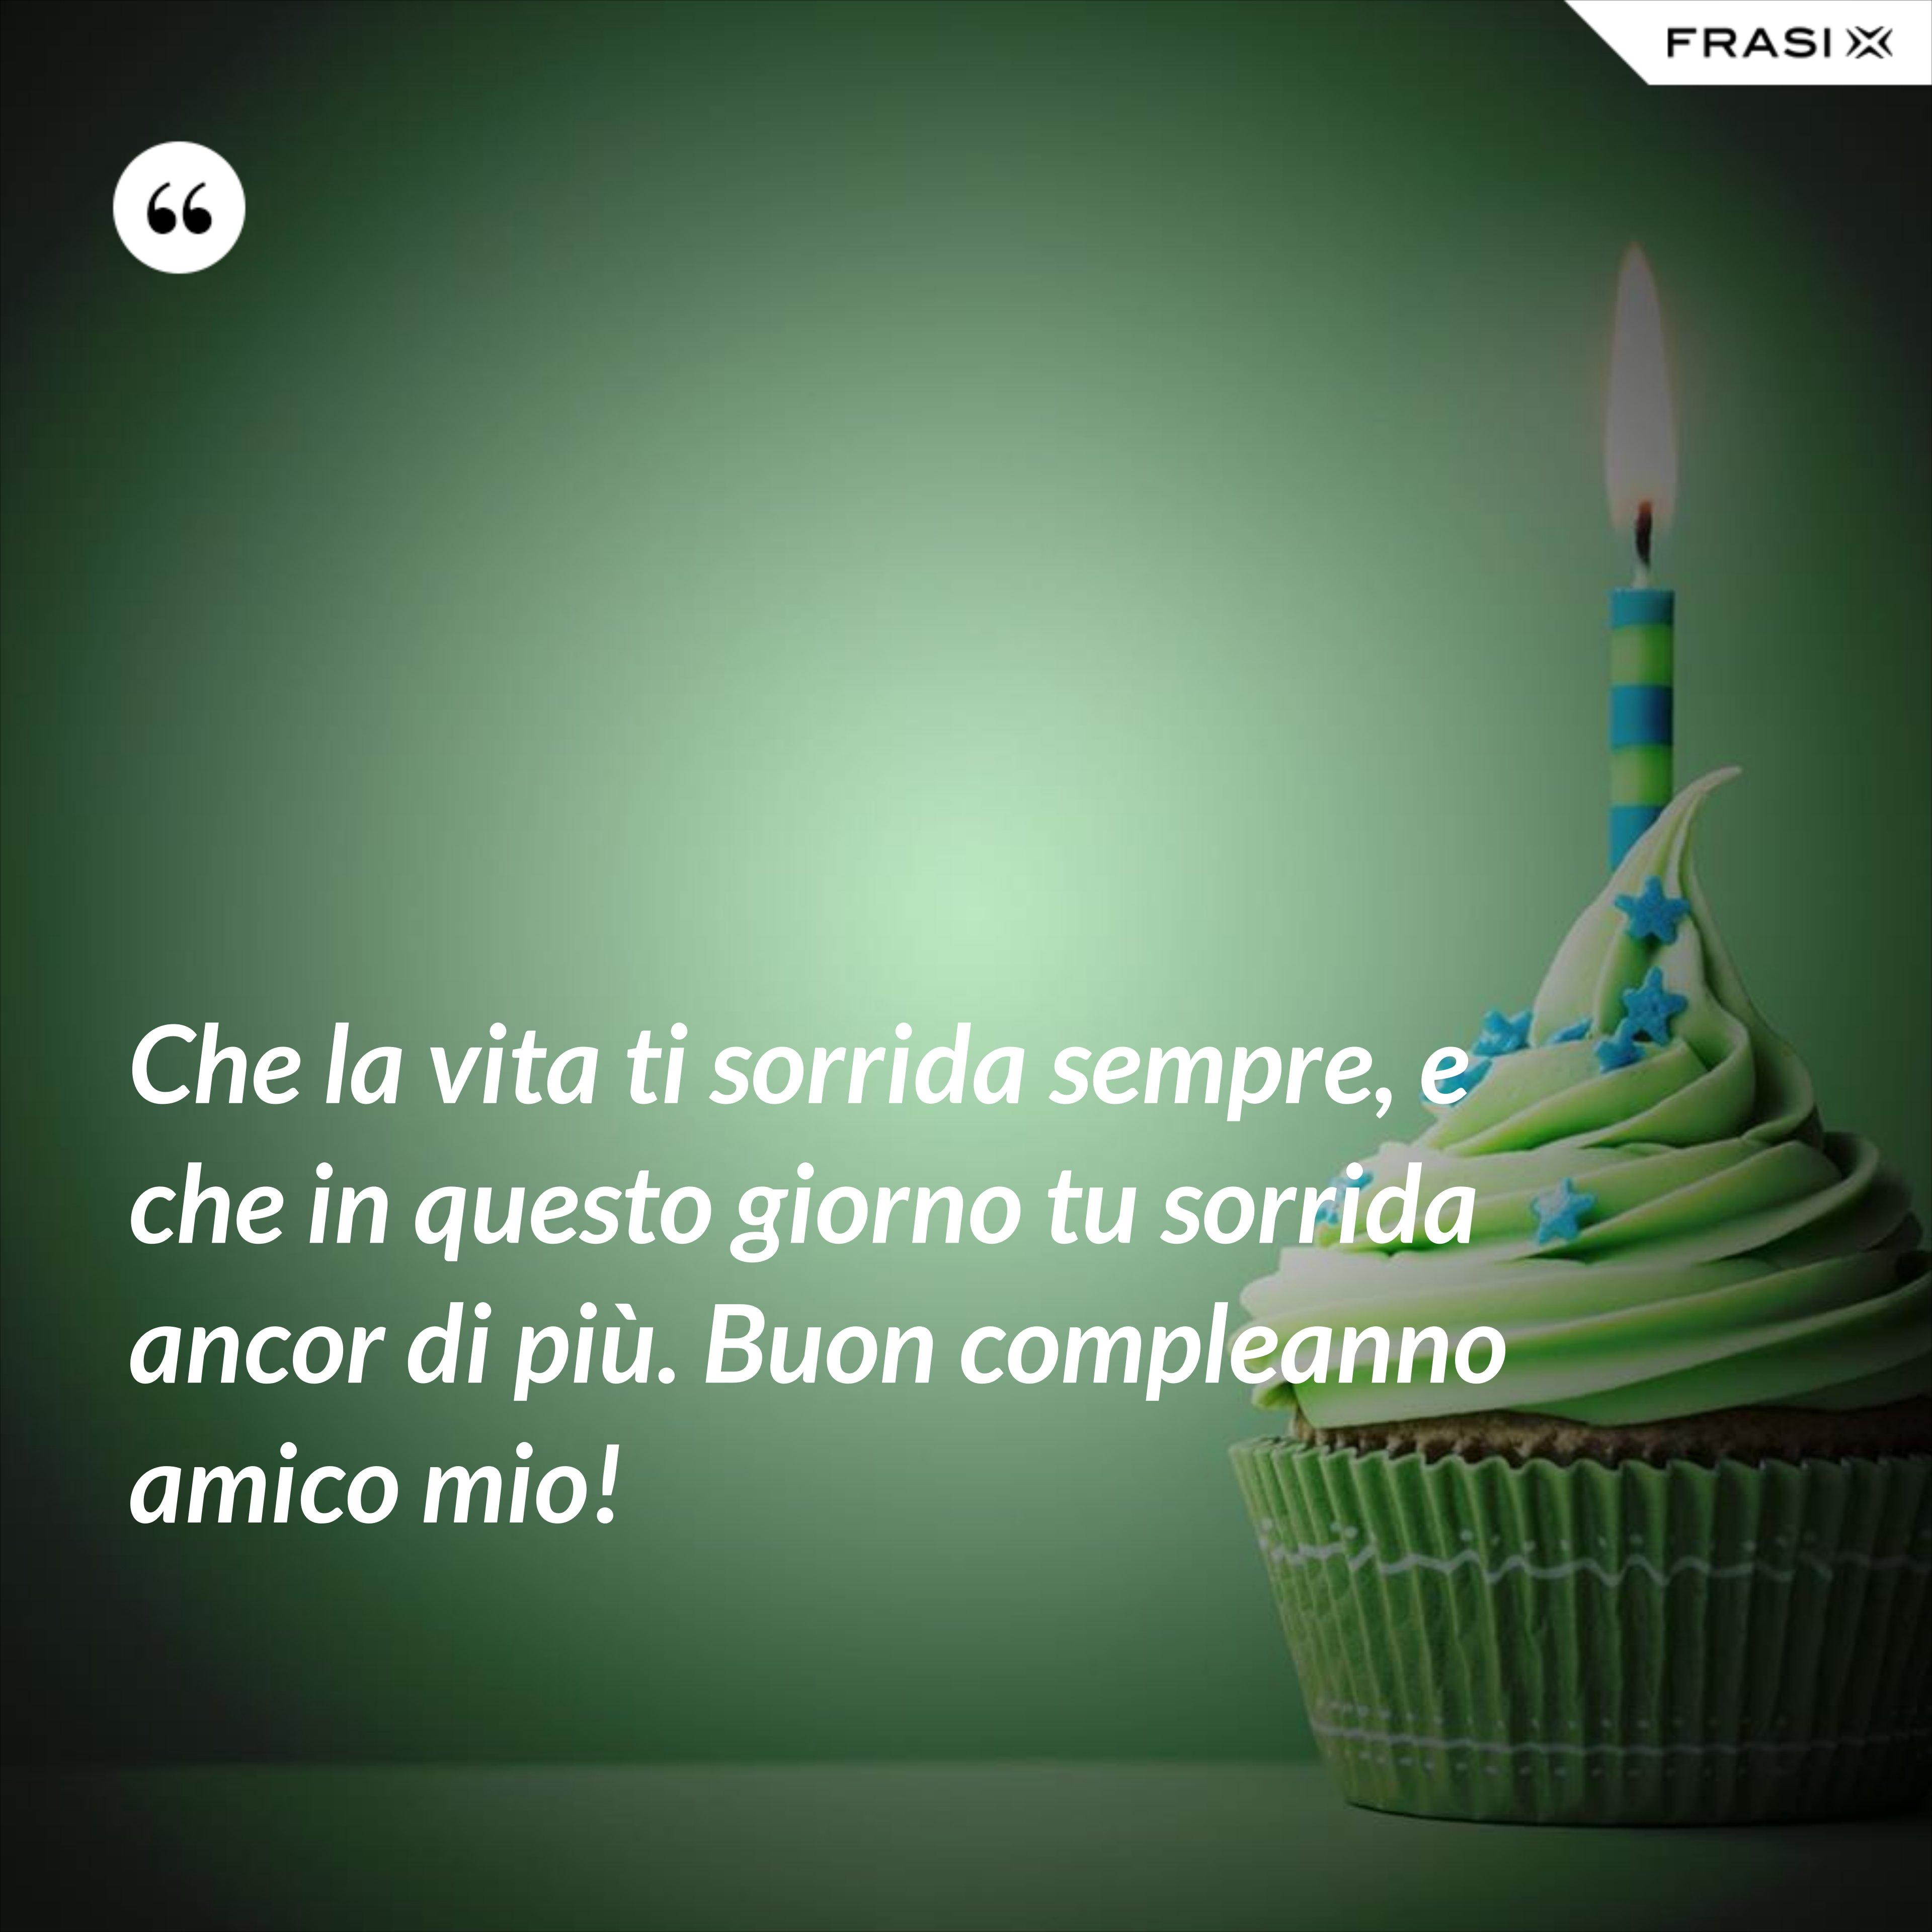 Che la vita ti sorrida sempre, e che in questo giorno tu sorrida ancor di più. Buon compleanno amico mio! - Anonimo